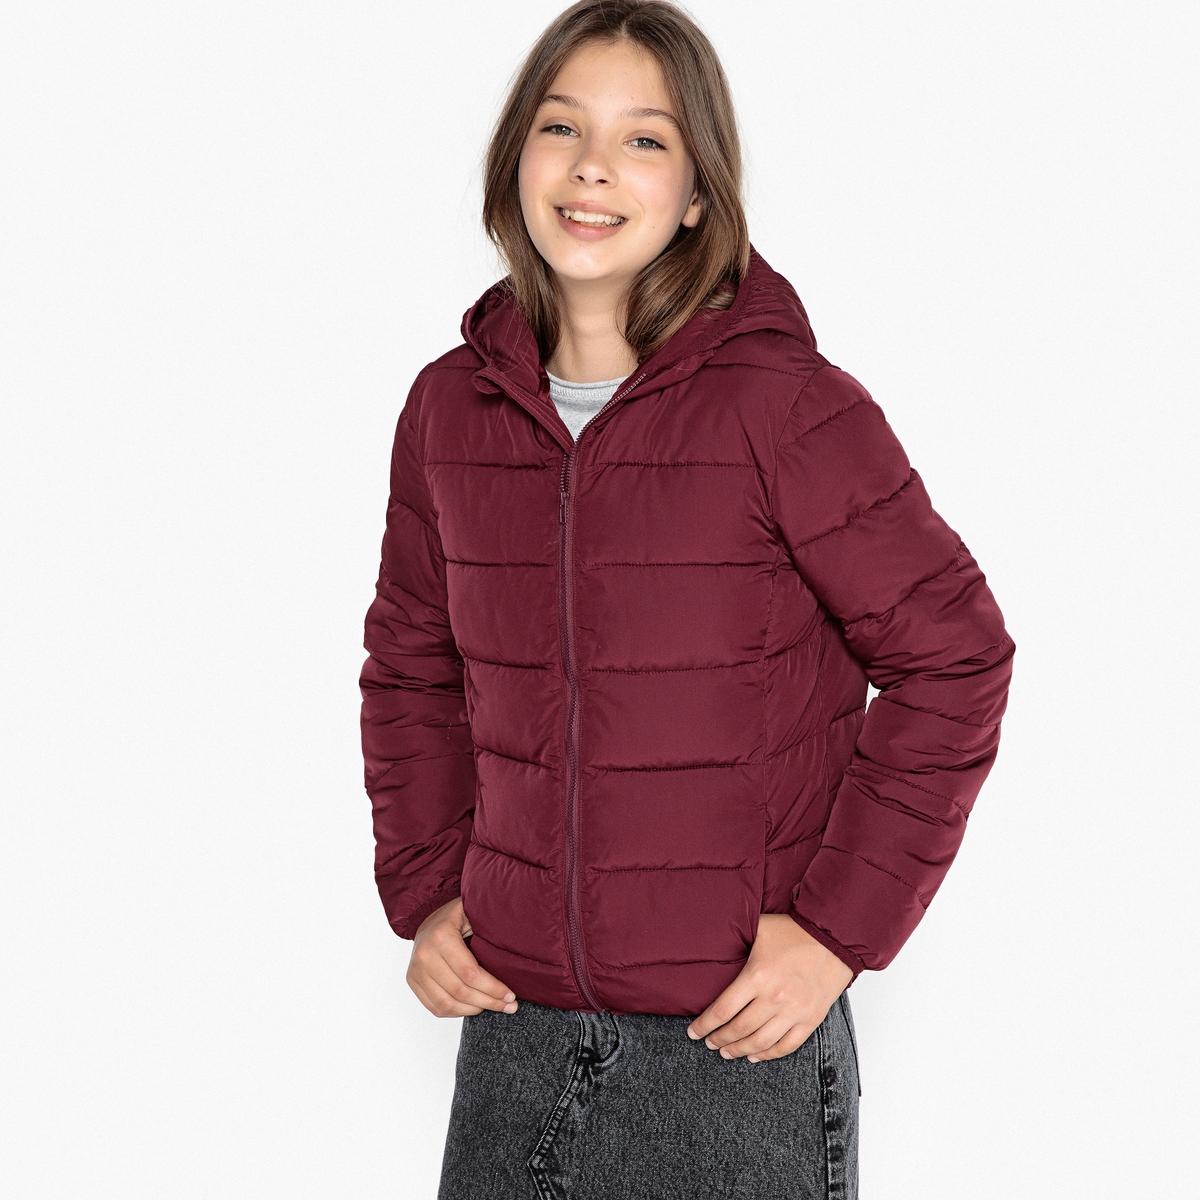 Куртка La Redoute Стеганая тонкая 10 лет - 138 см красный